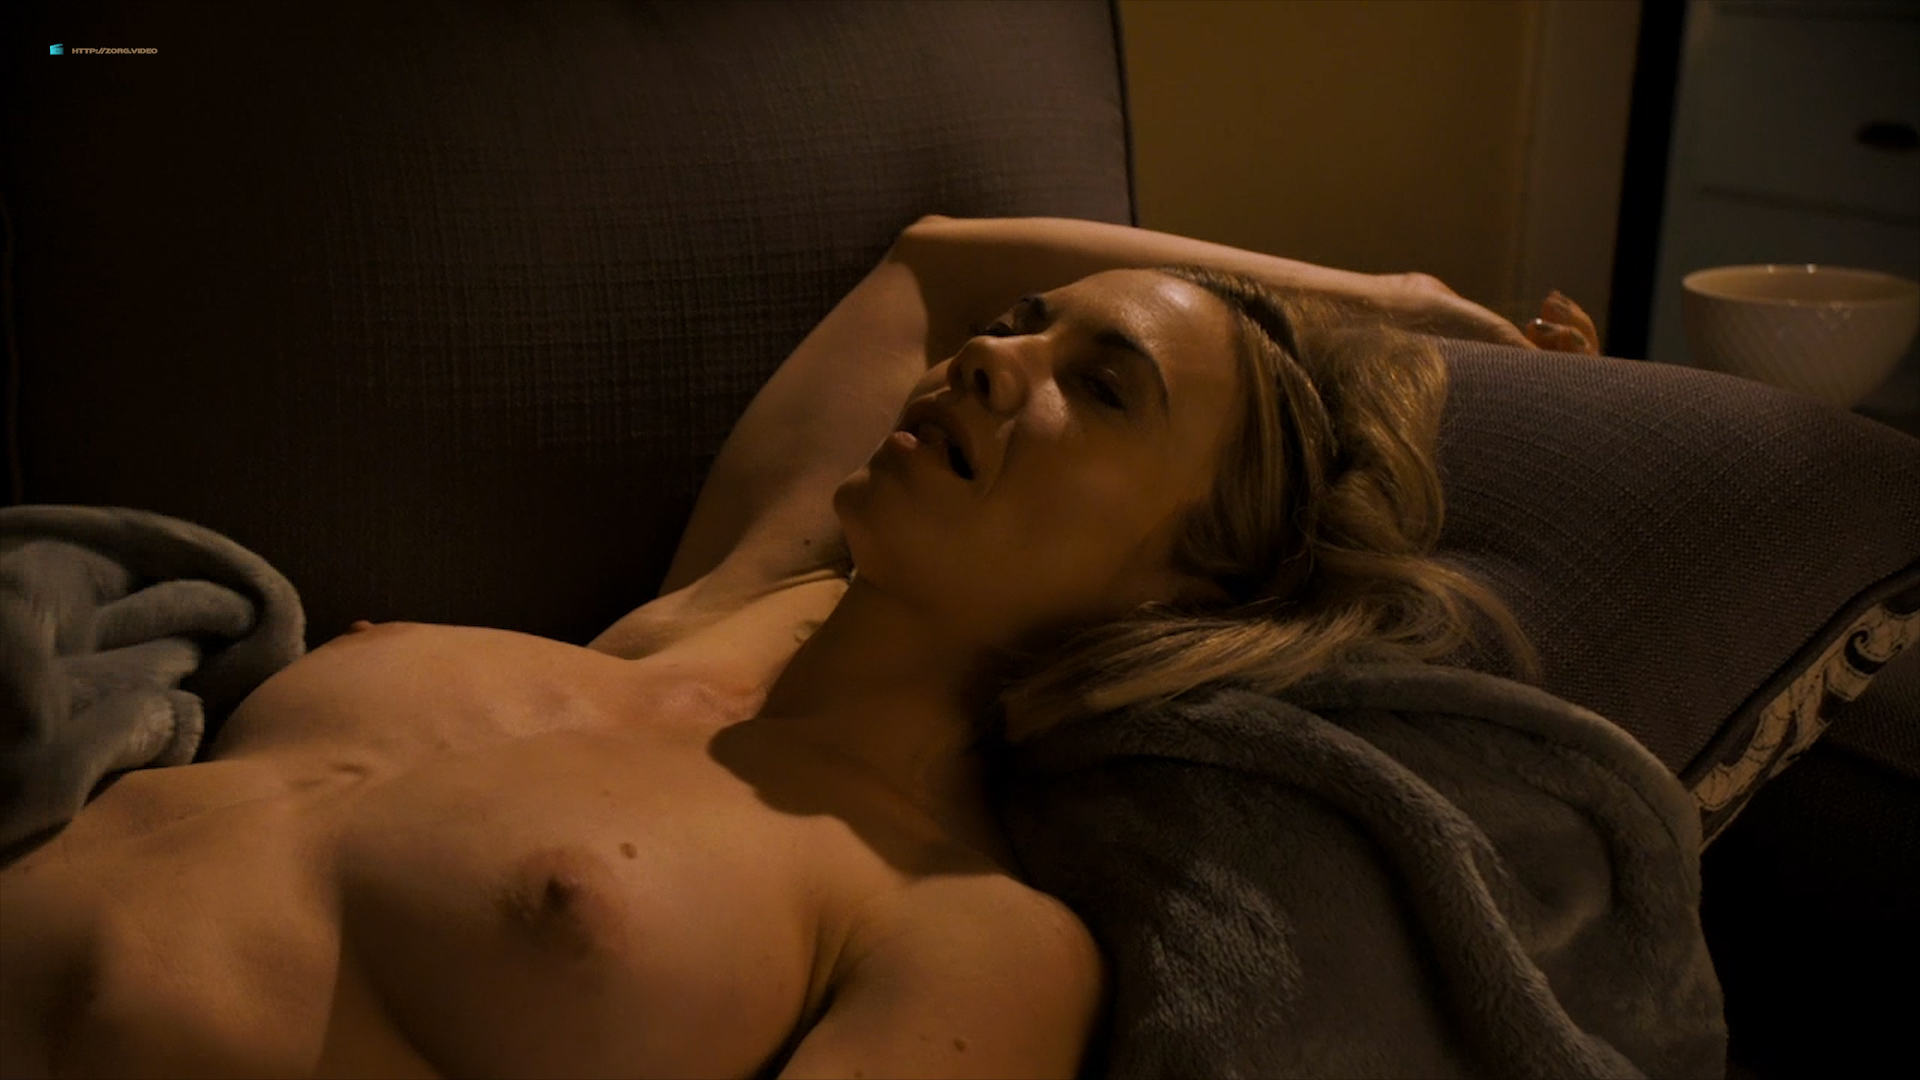 Megan stevenson topless